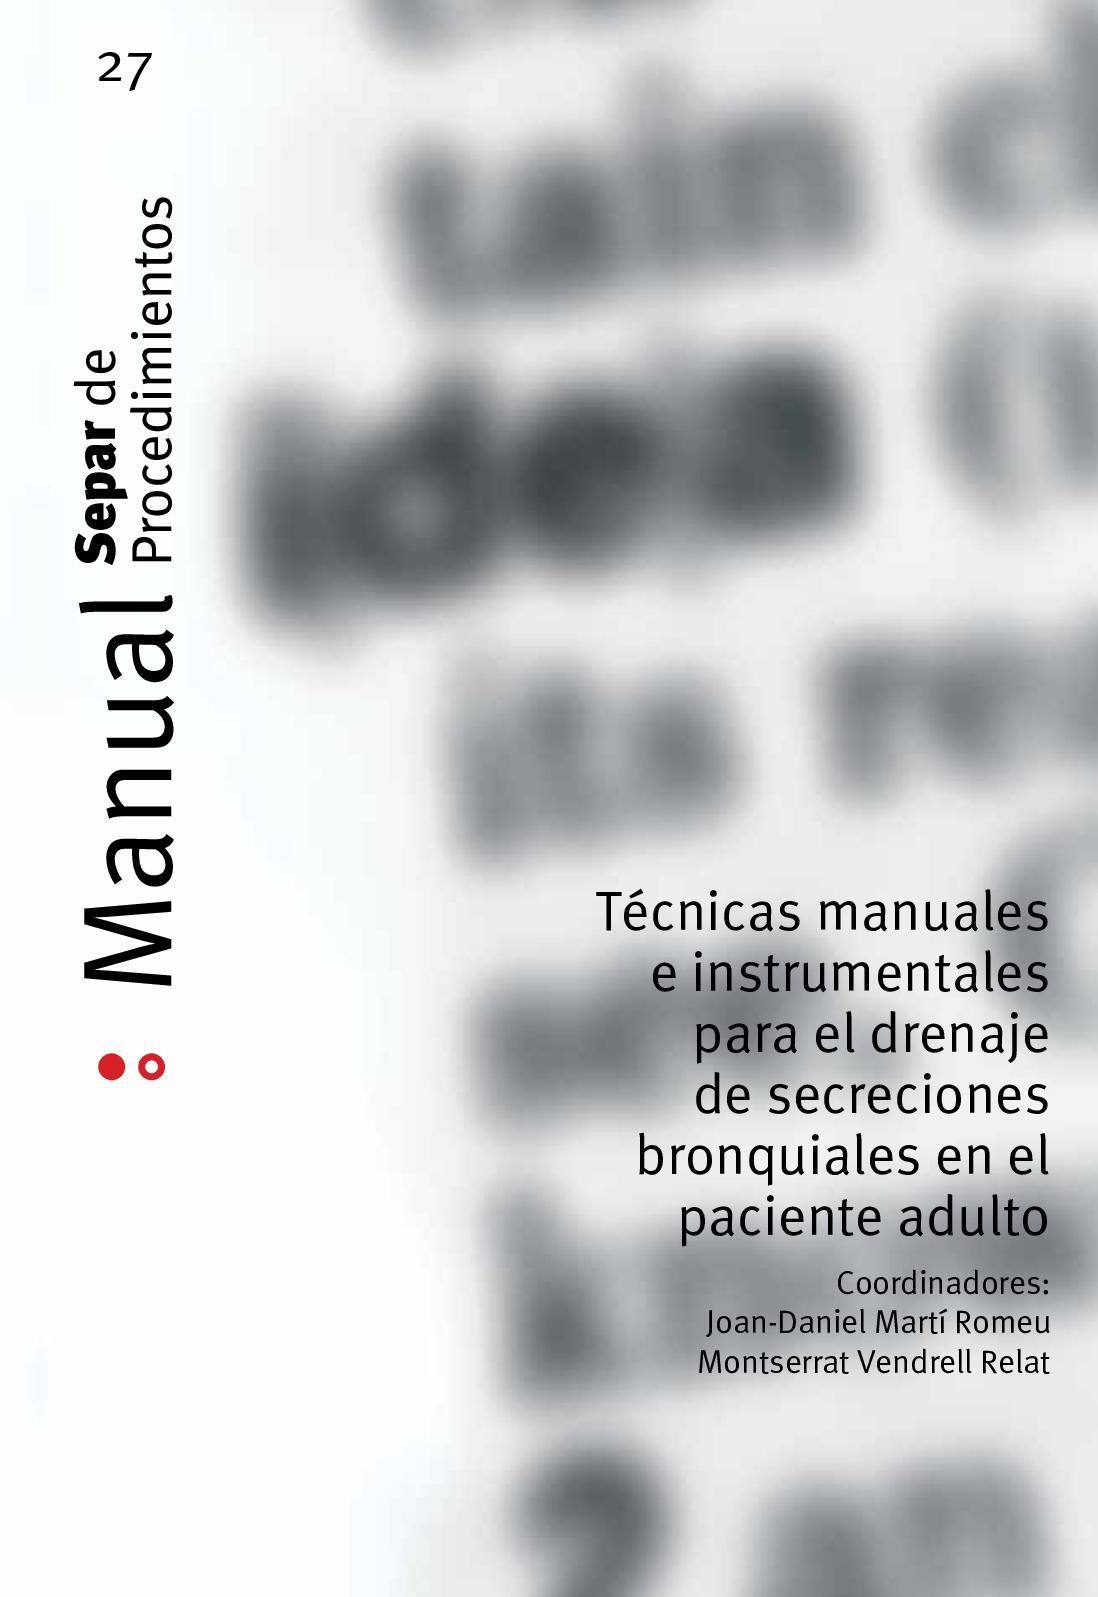 Técnicas manuales e instrumentales para el drenaje de secreciones bronquiales en el paciente adulto